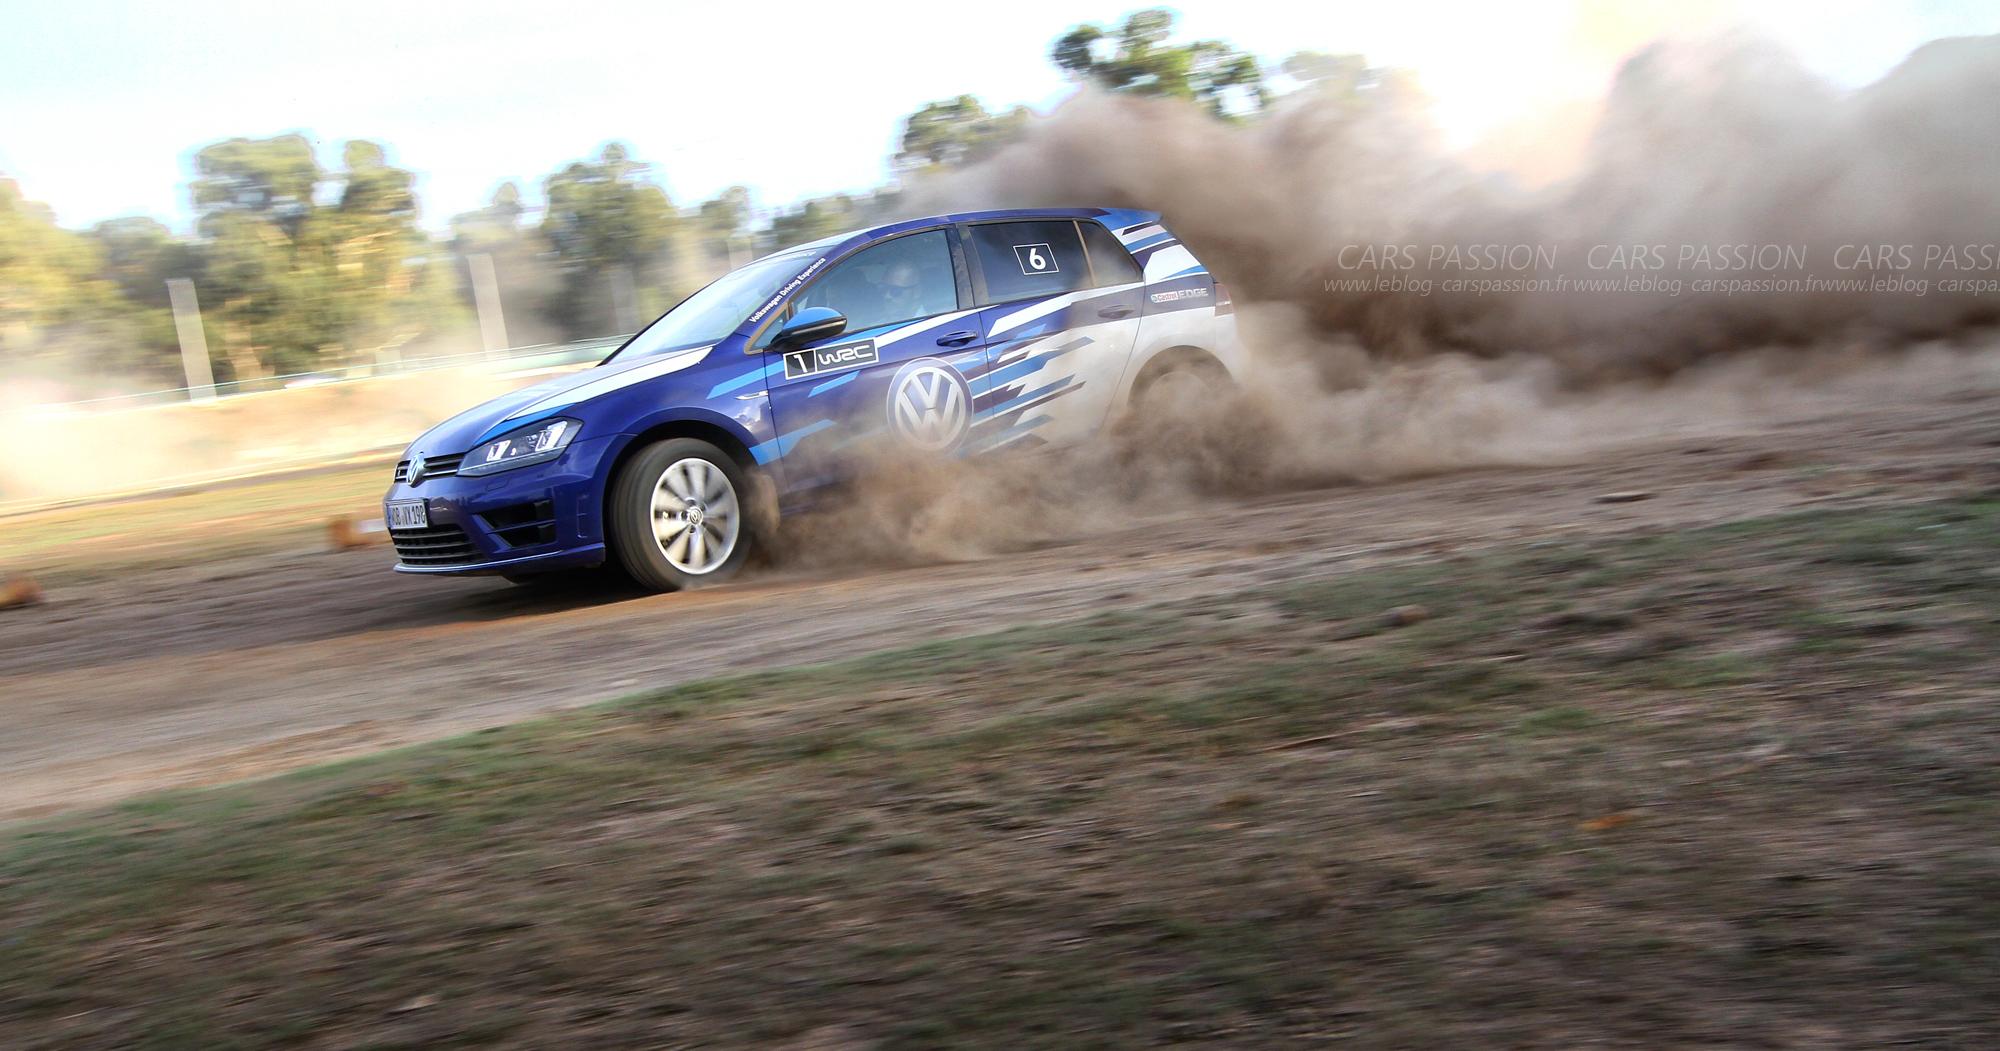 WRC-2016-Tour-de-corse-Ogier-VW-N1-17